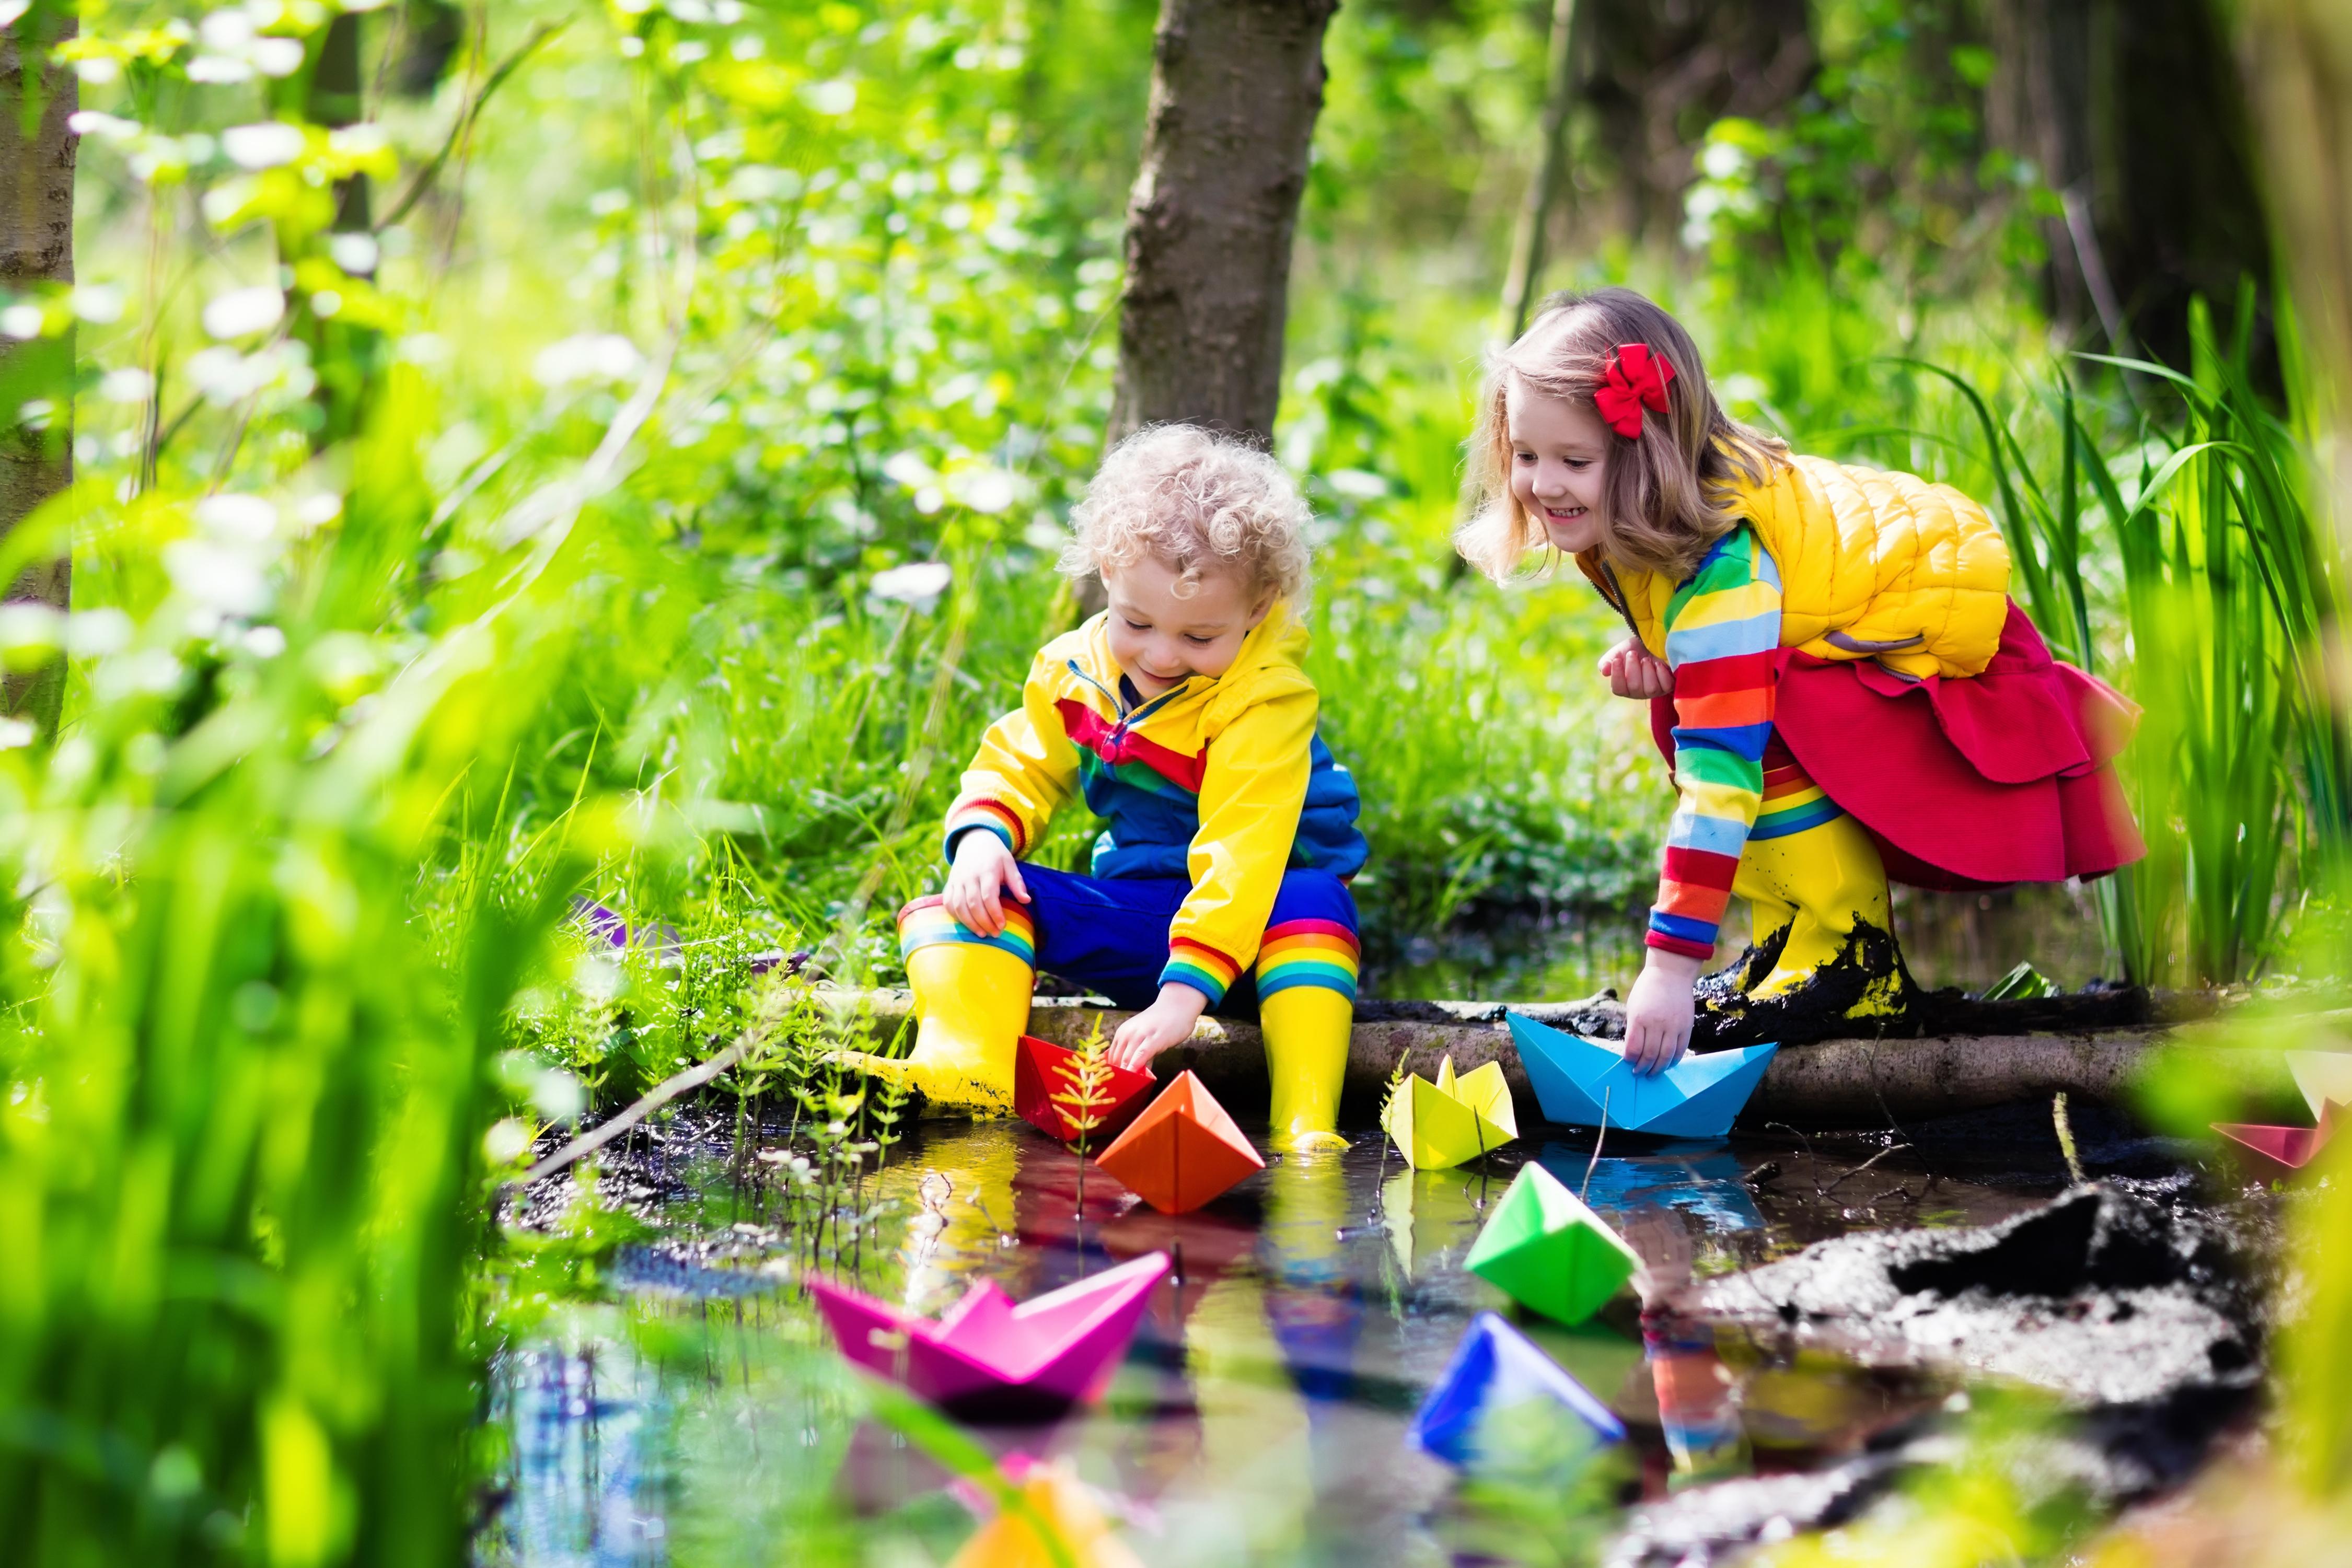 Dokolica donosi nova otkrića. Deca na taj način upoznaju prvenstveno sebe.